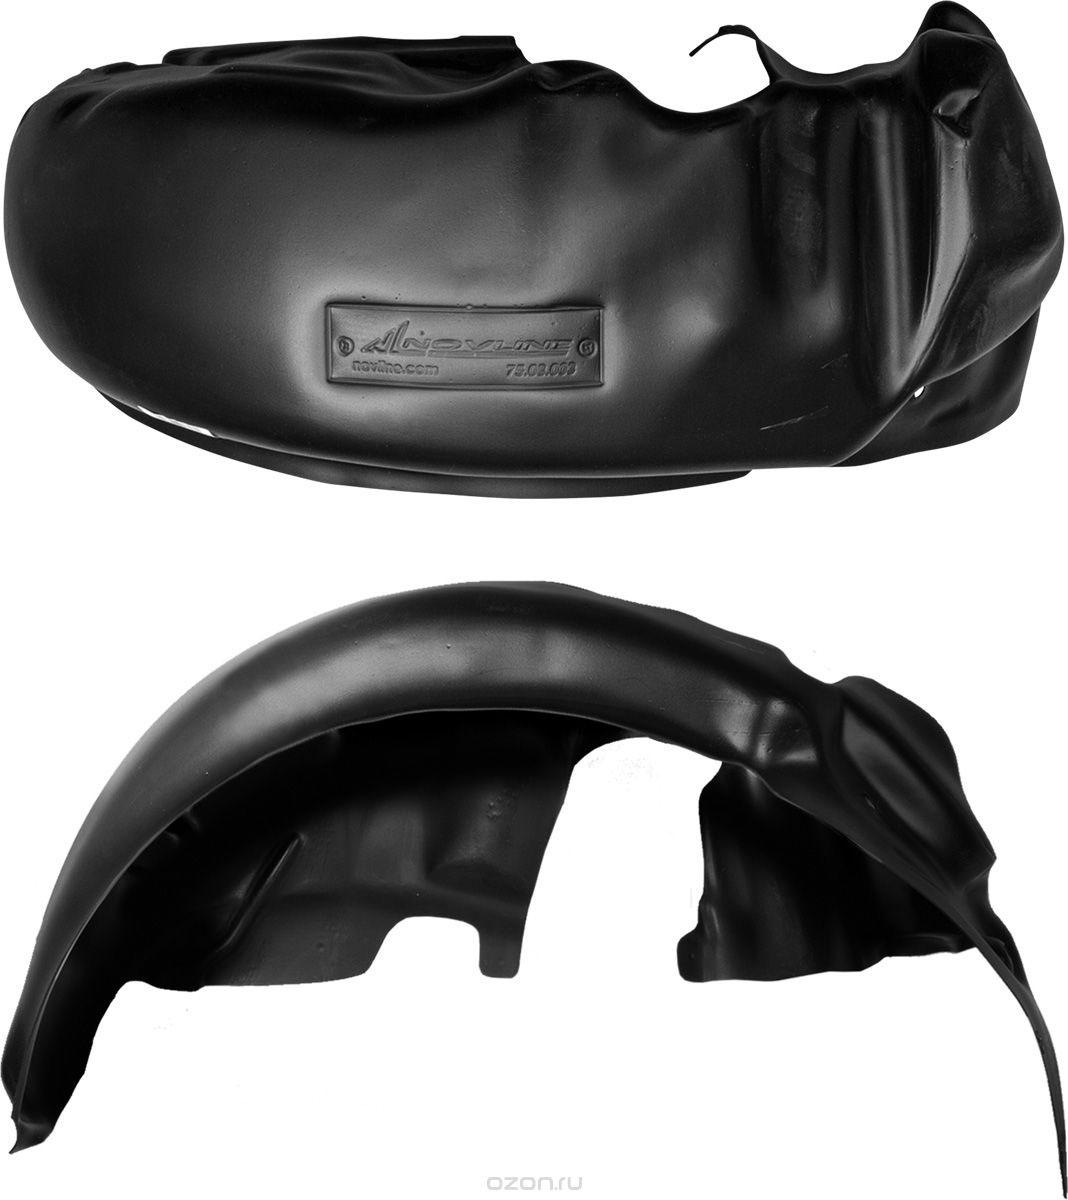 Подкрылок Novline-Autofamily, для MAZDA CX-7 2010-2013, передний левыйNLL.33.18.001Идеальная защита колесной ниши. Локеры разработаны с применением цифровых технологий, гарантируют максимальную повторяемость поверхности арки. Изделия устанавливаются без нарушения лакокрасочного покрытия автомобиля, каждый подкрылок комплектуется крепежом. Уважаемые клиенты, обращаем ваше внимание, что фотографии на подкрылки универсальные и не отражают реальную форму изделия. При этом само изделие идет точно под размер указанного автомобиля.